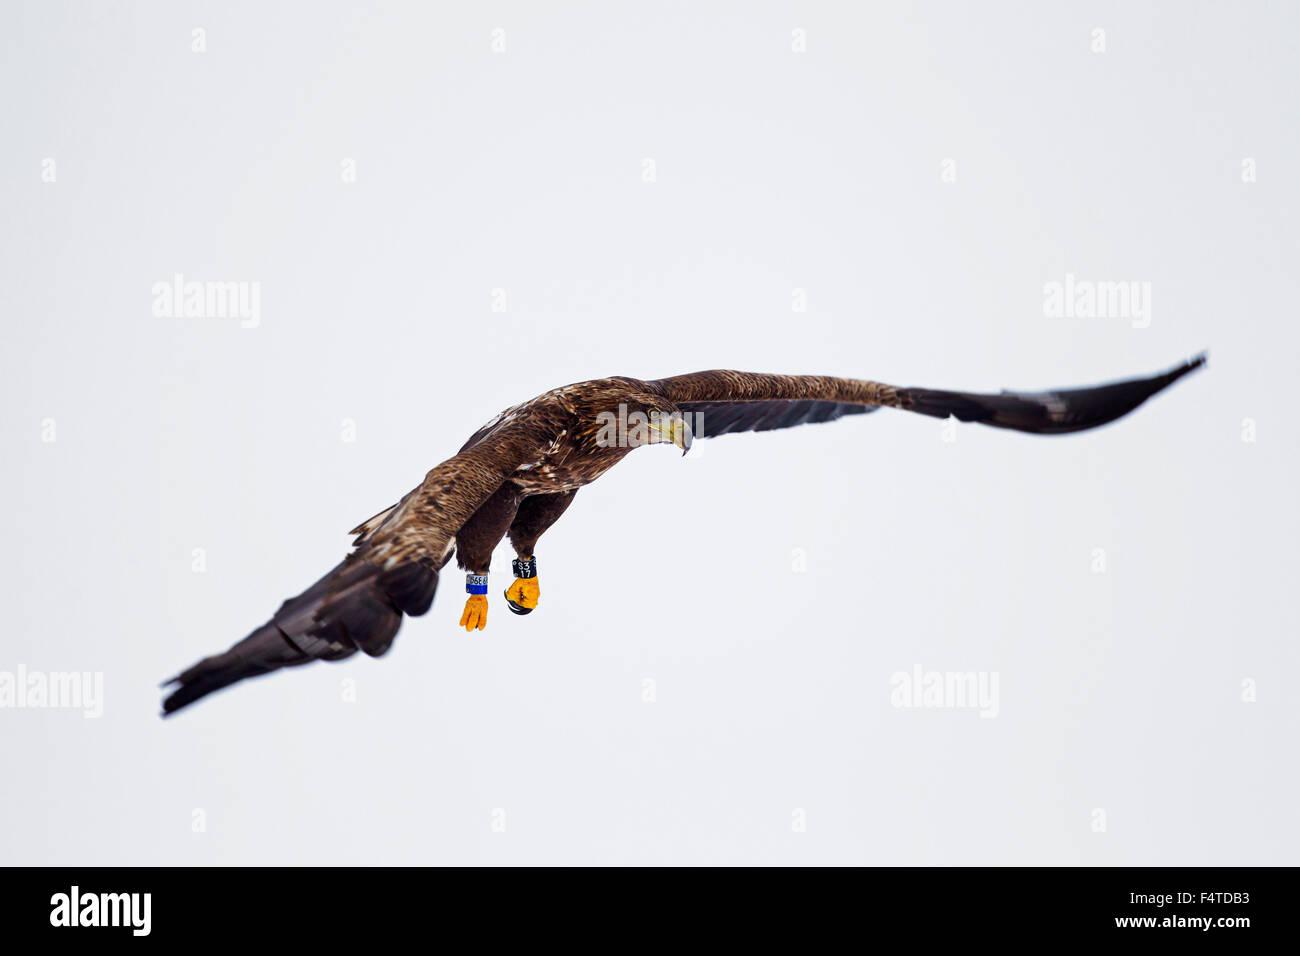 El águila de cola blanca con bandas / Águila de Mar / Erne (Haliaeetus albicilla) menores en vuelo en Imagen De Stock